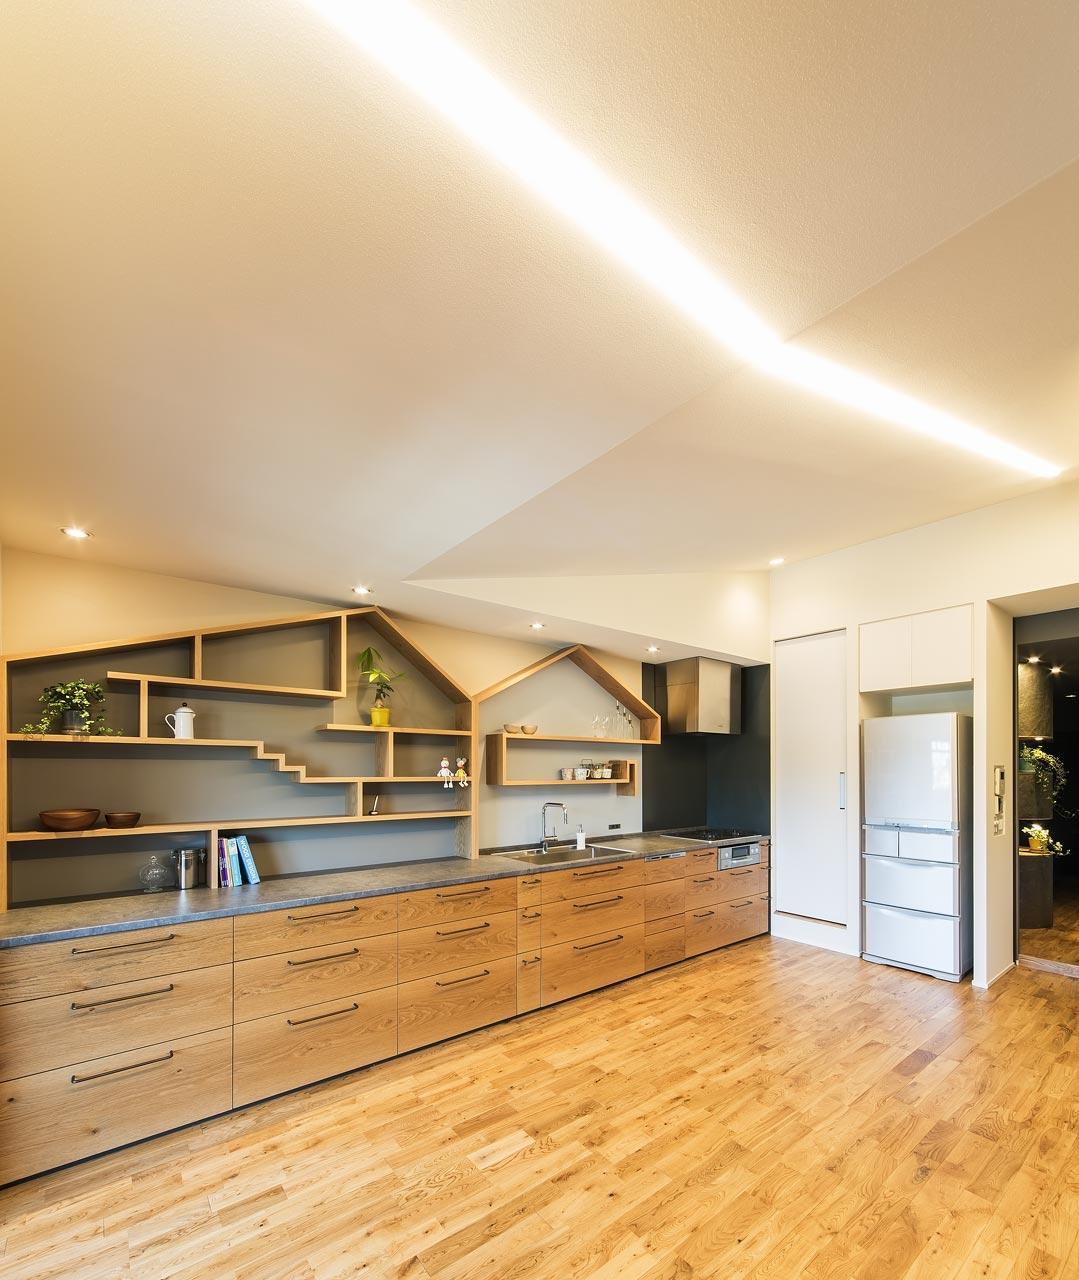 全長5メートルのキッチン。床はあたたかみのあるオークの無垢材にこだわりました